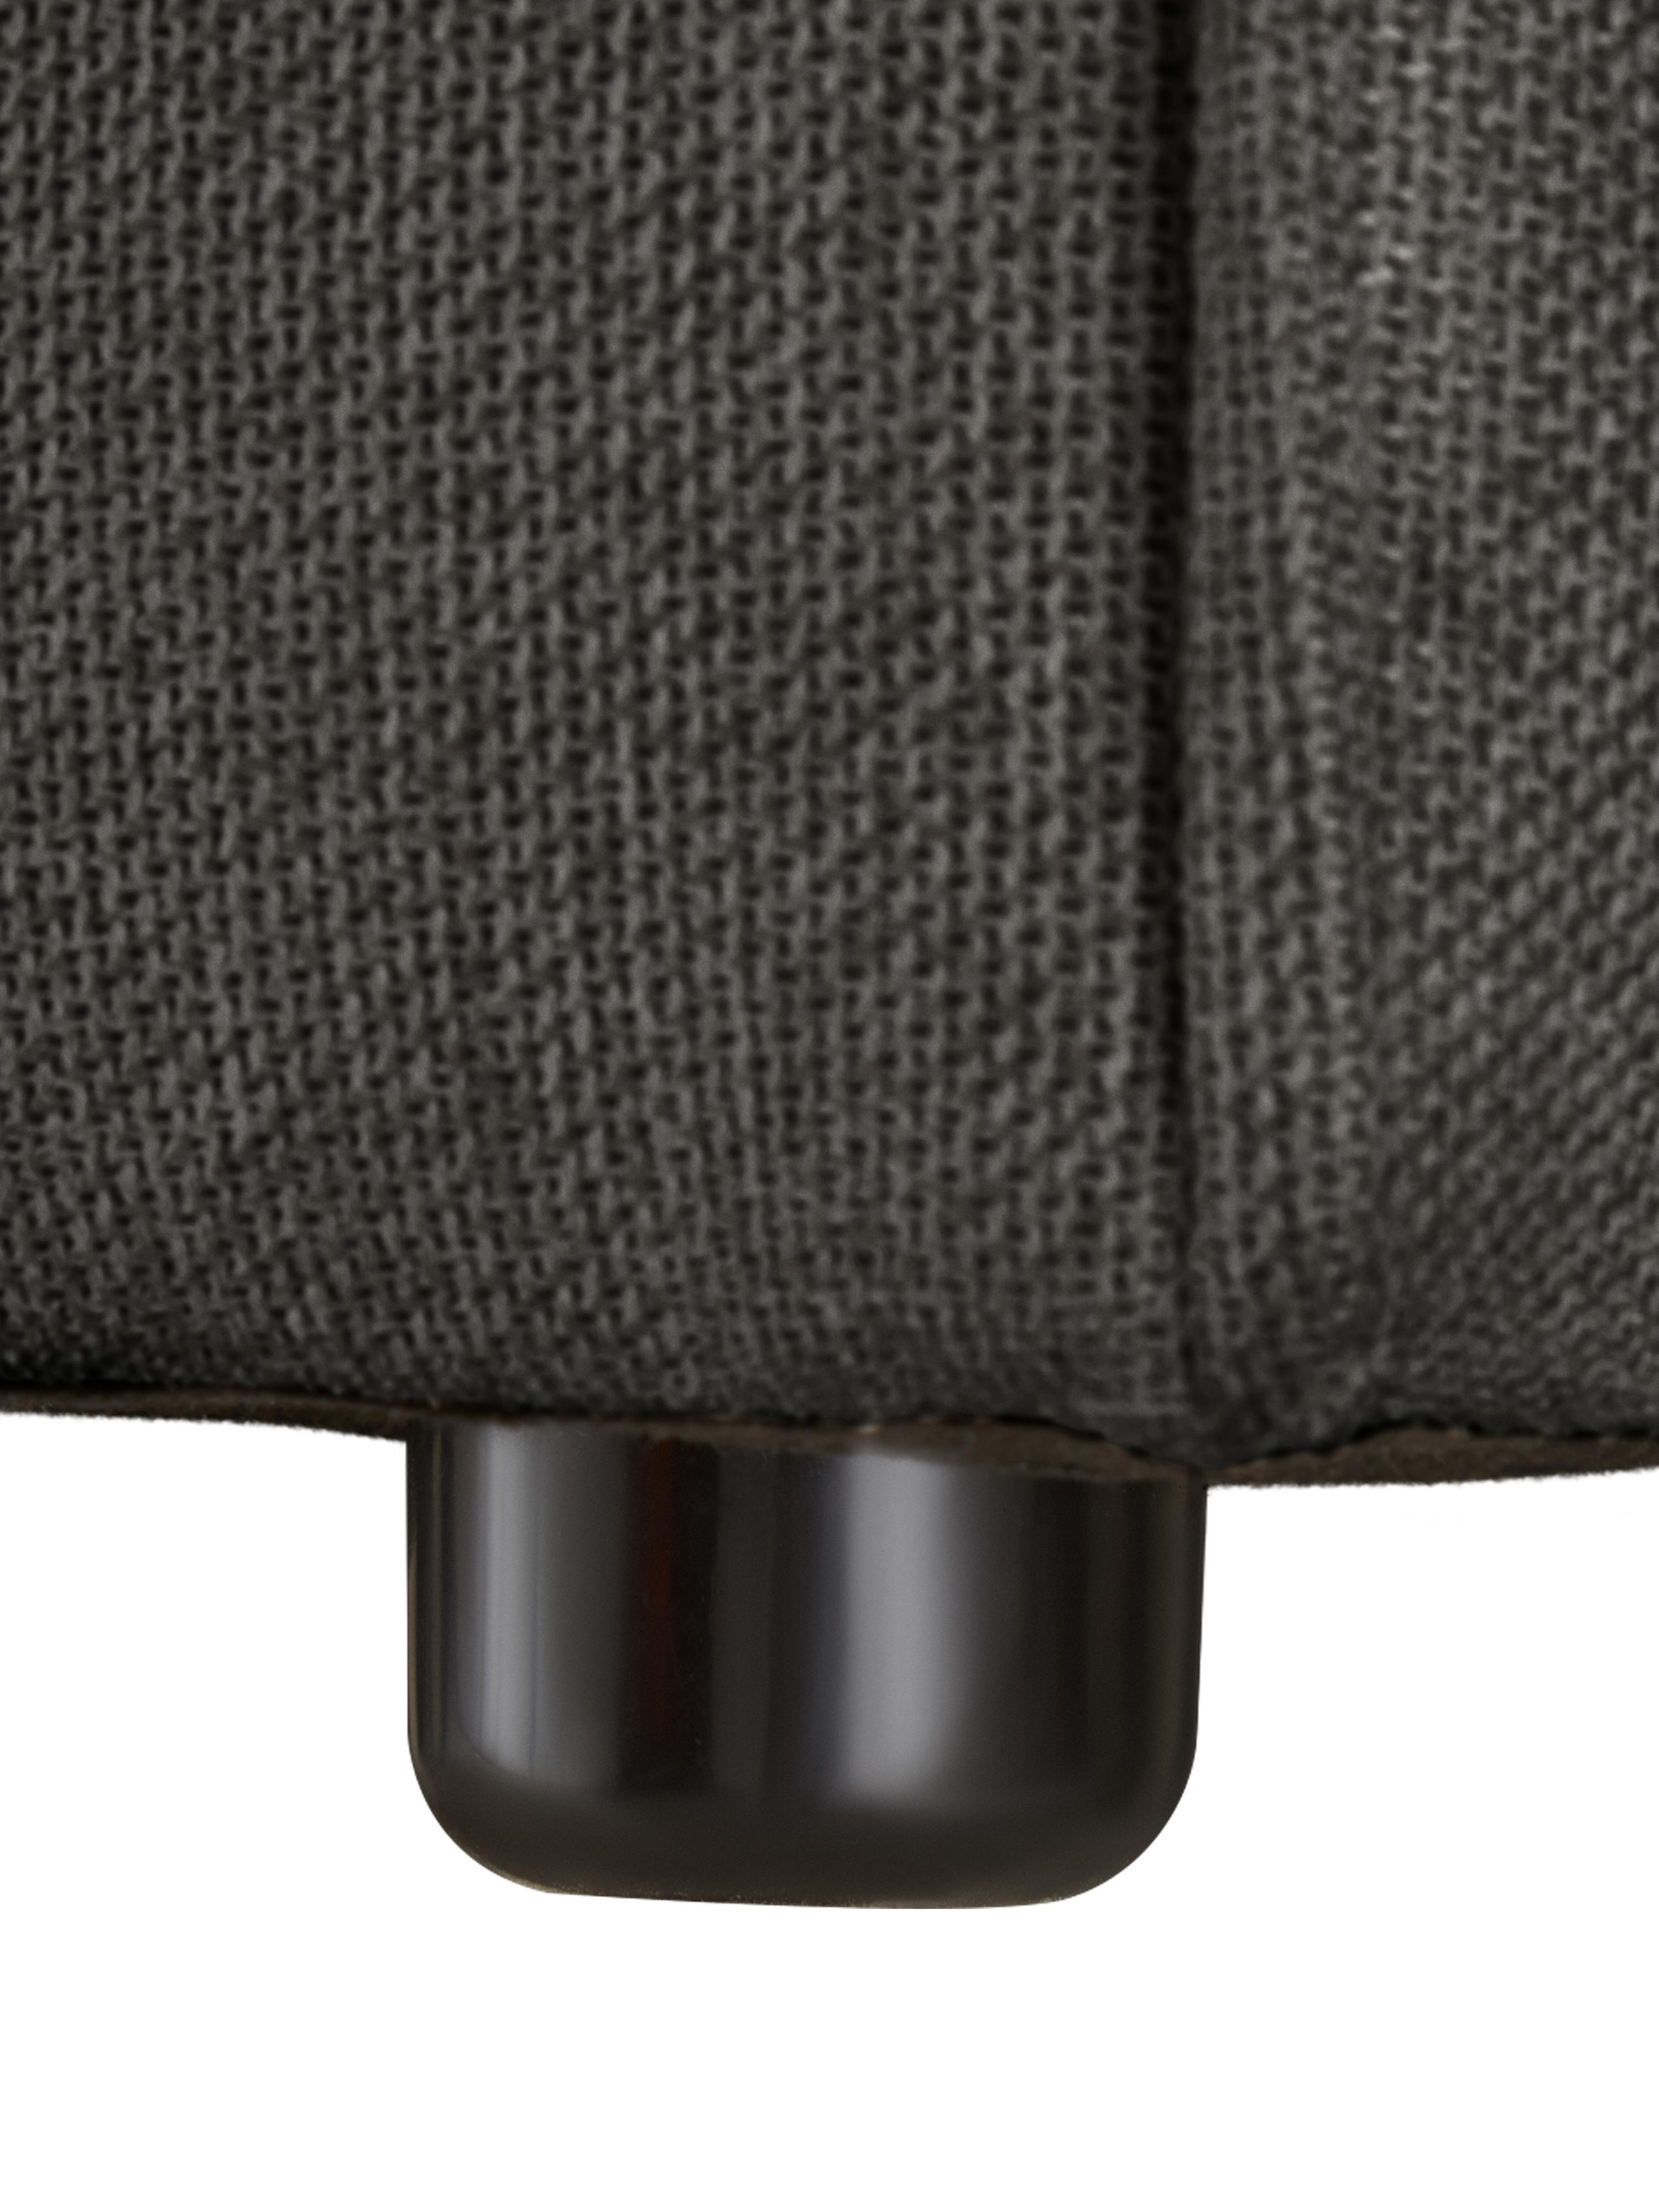 Modulaire hoekbank Lennon, Bekleding: polyester, Frame: massief grenenhout, multi, Poten: kunststof, Antraciet, B 326 x D 207 cm